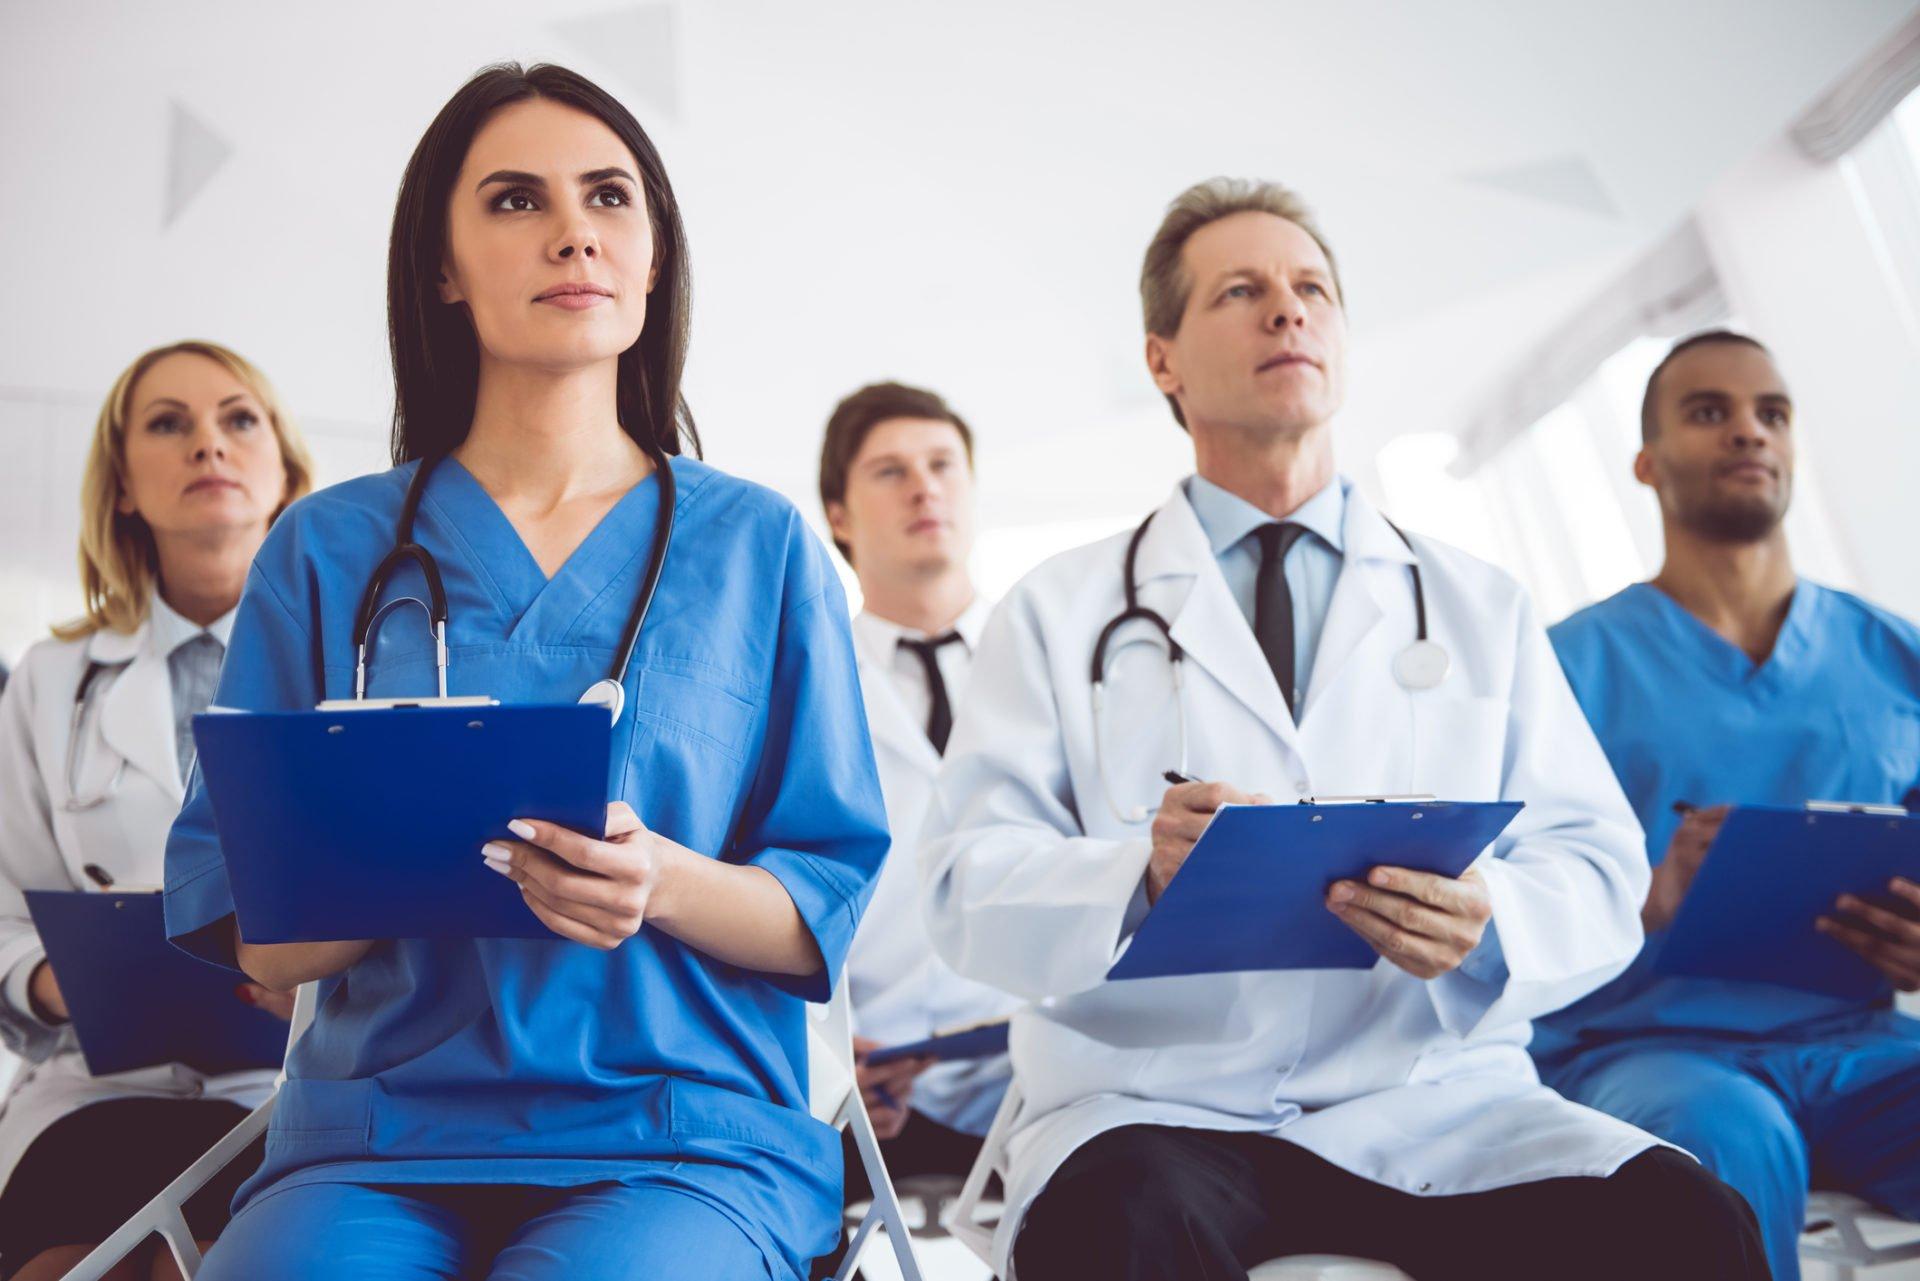 Как долго длится медицинская школа?